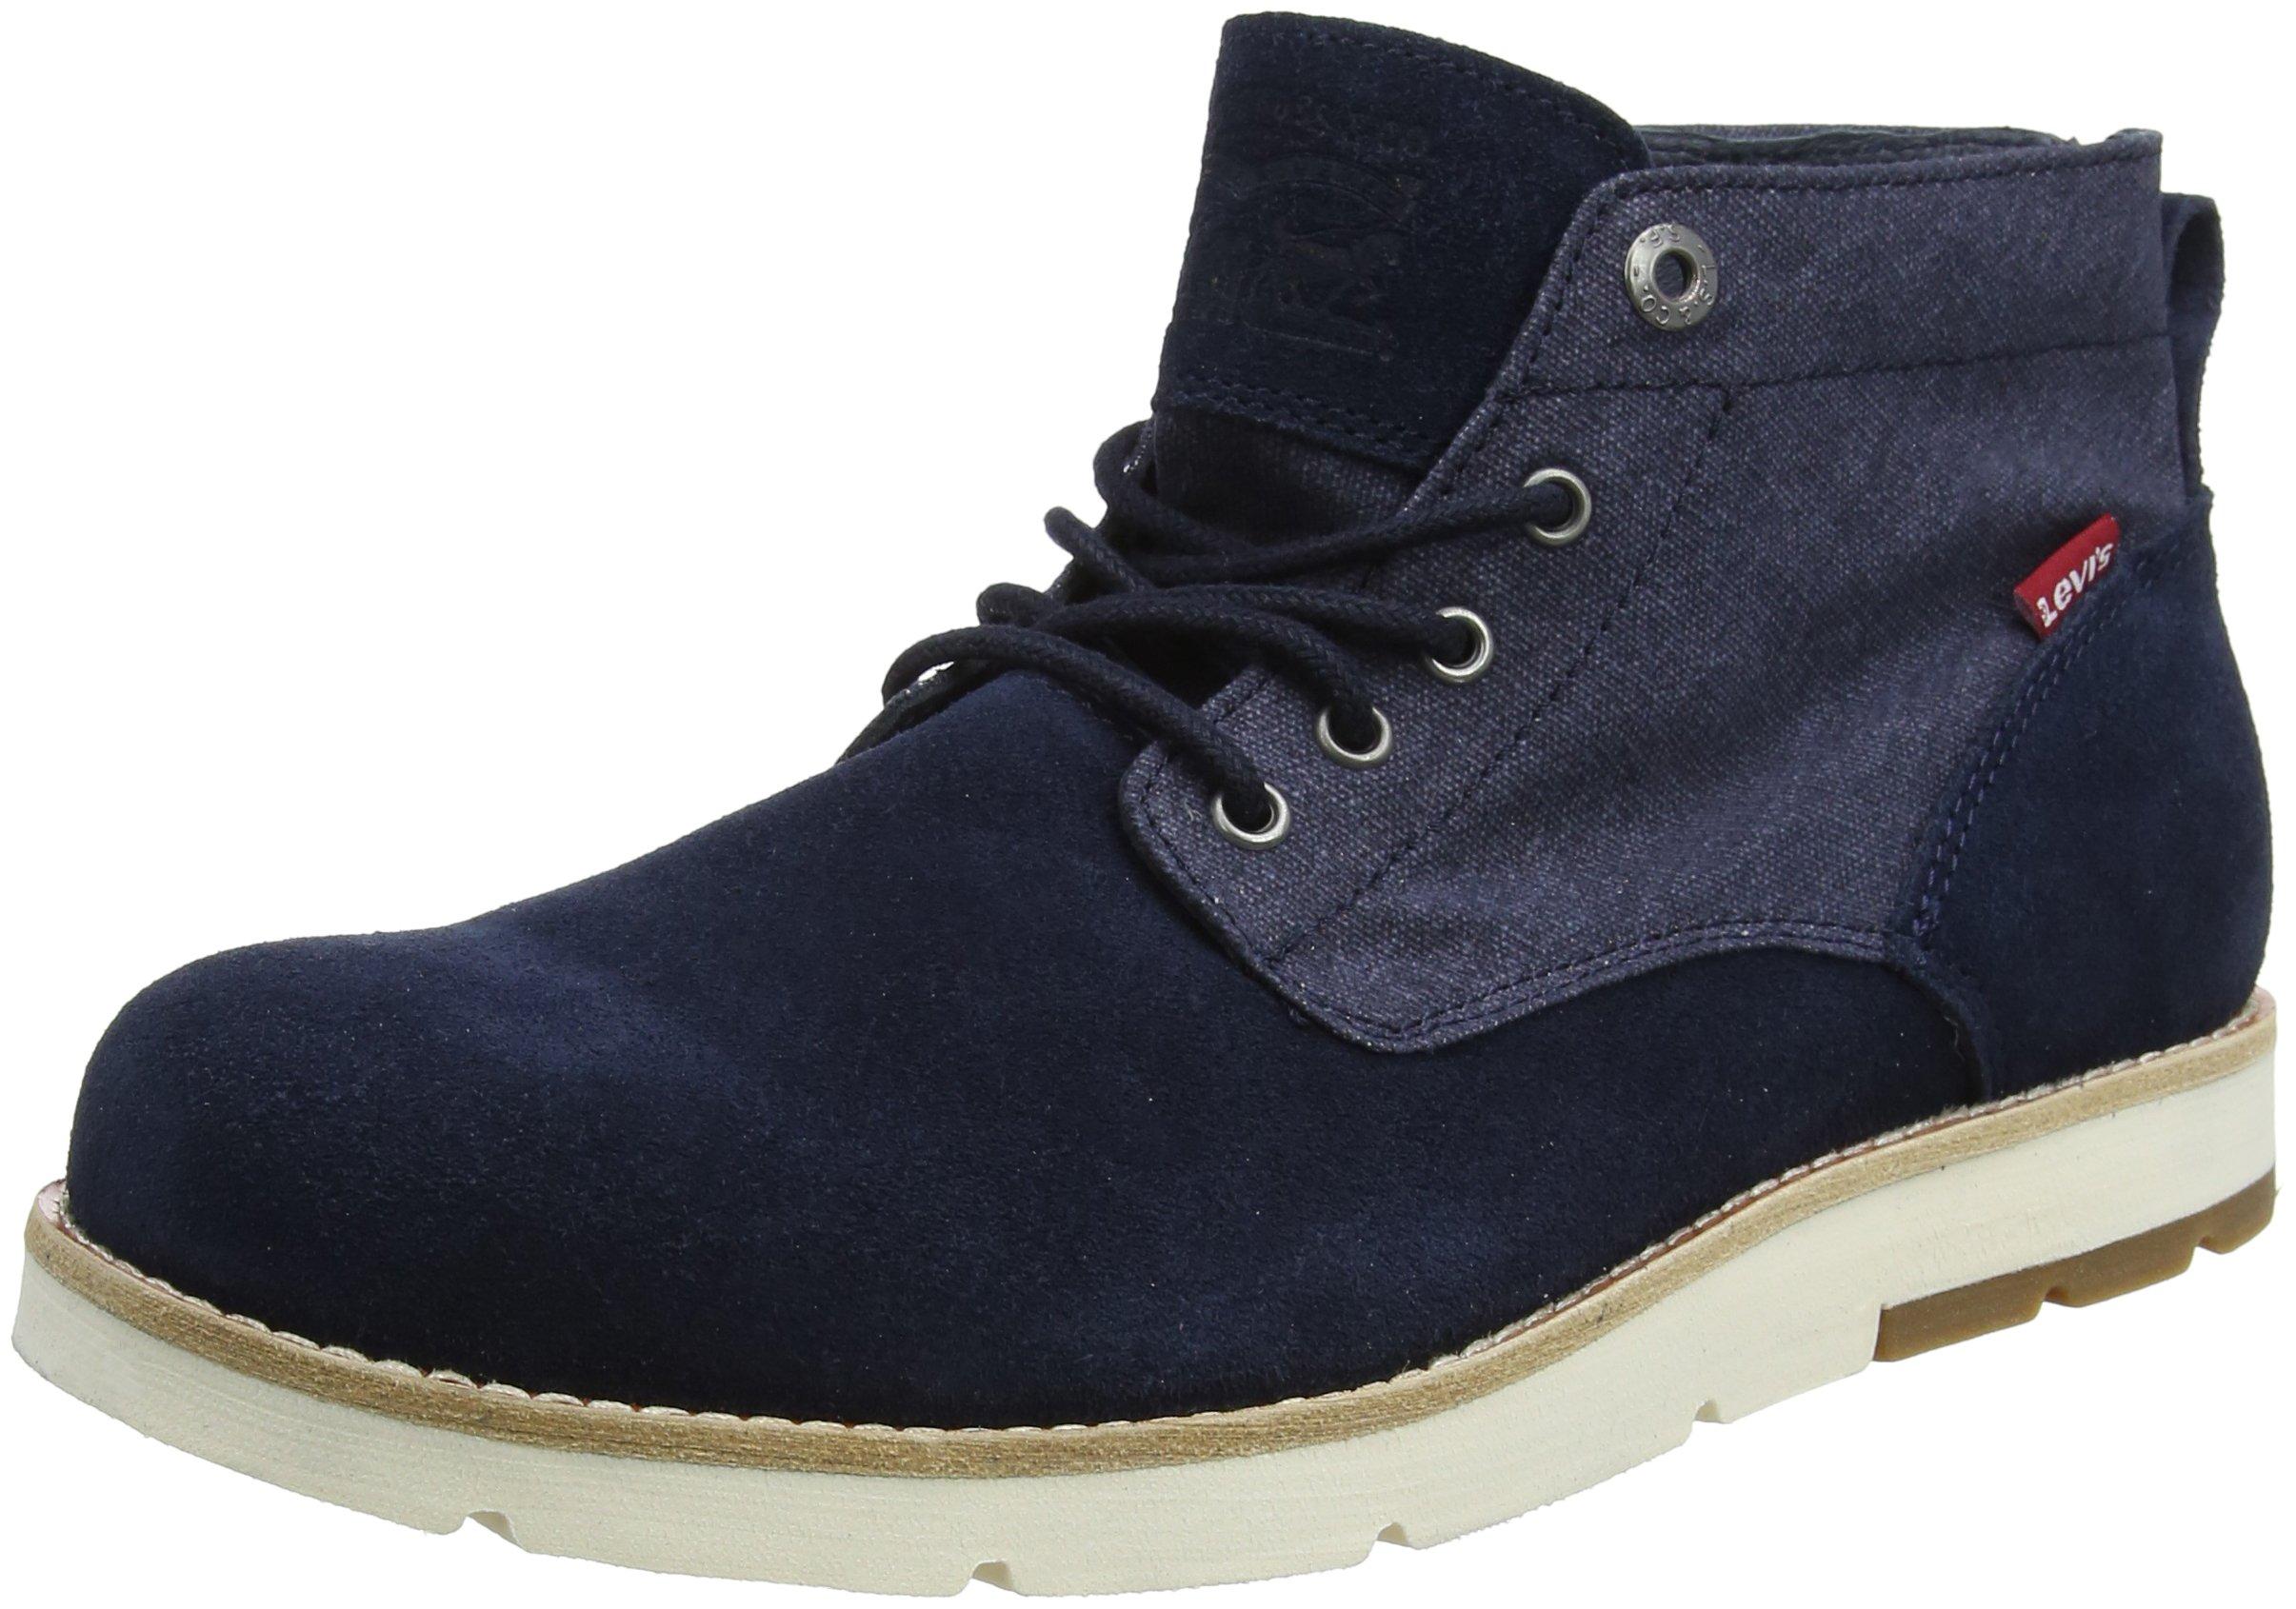 Men's Jax Light Chukka Desert Boots